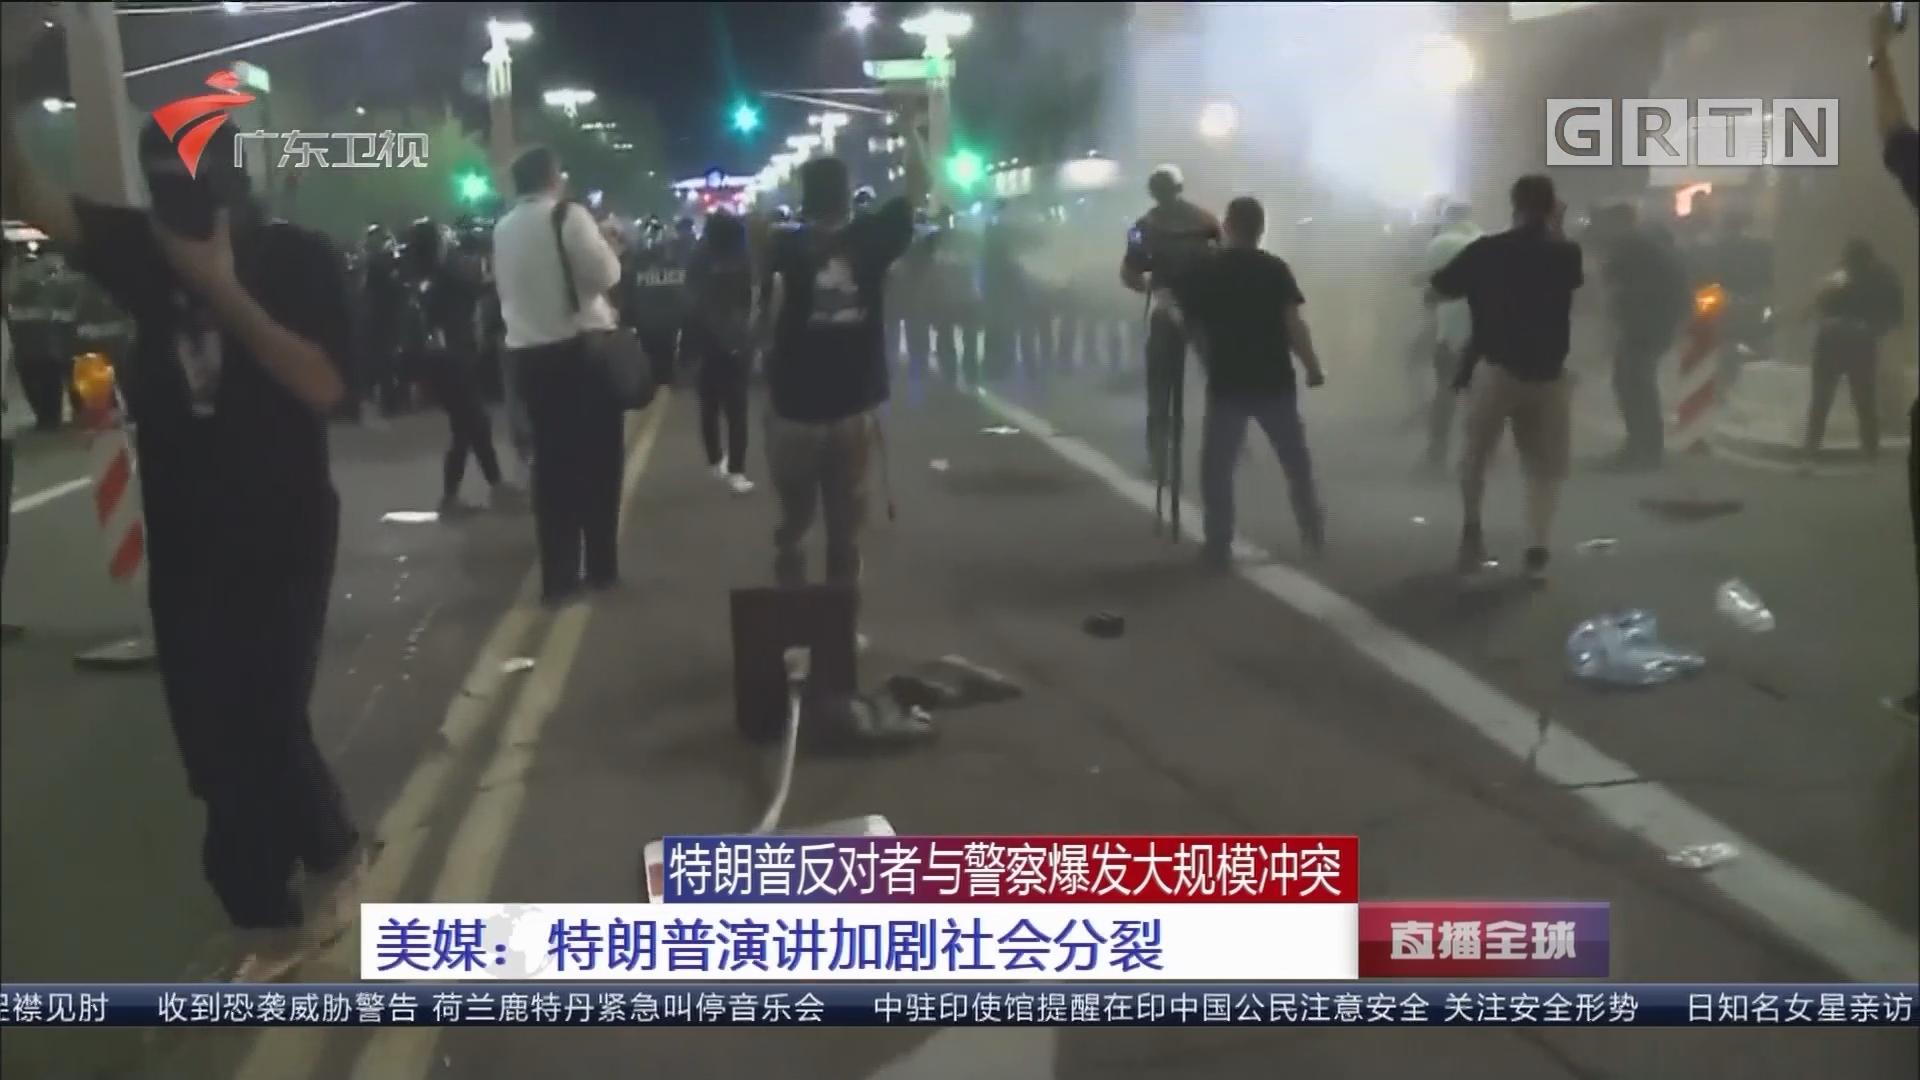 特朗普反对者与警察爆发大规模冲突:抗议现场变战场